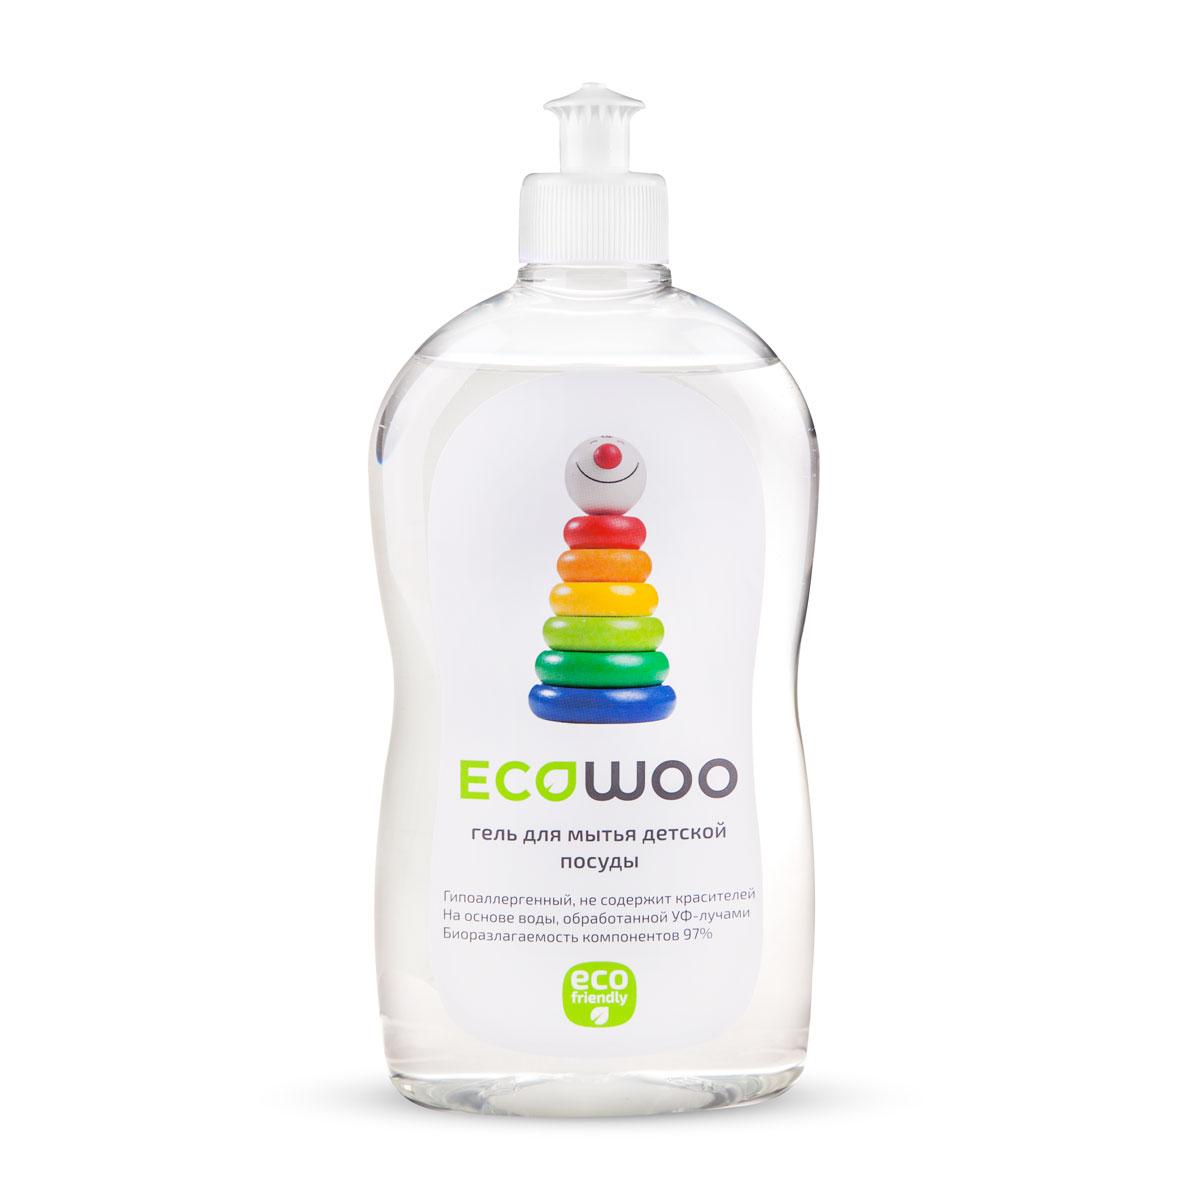 Гель для мытья детской посуды EcoWoo, 500 млЕ088231Гель EcoWoo специально разработан для мытья всех видов детской посуды: бутылочек, сосок из латекса и силикона, игрушек, любых детских принадлежностей, а также овощей и фруктов.Средство гипоаллергенно, не содержит ароматизаторов и красителя. Легко удаляет остатки продуктов. Полностью смывается водой со всех видов посуды и игрушек (в том числе холодной и жесткой). Очищает овощи и фрукты от воскового покрытия, смывает пестициды, гербициды, инсектициды с кожуры овощей и фруктов.Средство безвредно для человека и природы - биоразлагаемость компонентов 97%.Подходит для людей с чувствительной кожей. Товар сертифицирован.Как выбрать качественную бытовую химию, безопасную для природы и людей. Статья OZON Гид